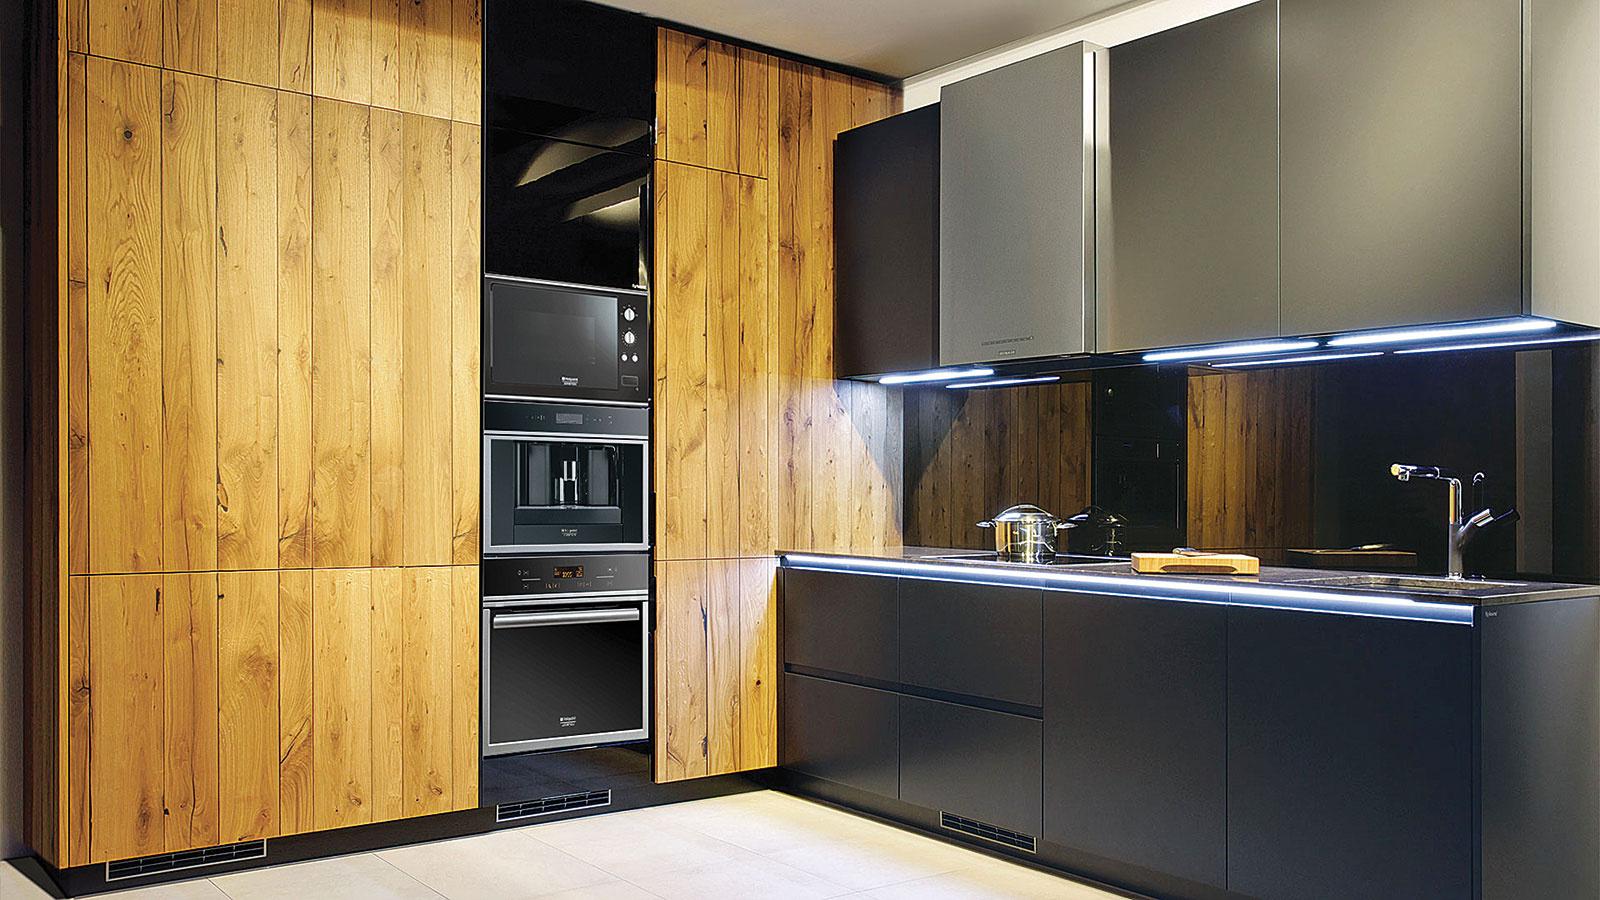 Zaujímavým riešením sú kuchyne, ktoré prepájajú nielen rôzne farby, ale imateriály. Dizajnéri sa neraz postarajú aj oskutočnú lahôdku – časť kuchynskej linky môže byť napríklad vyrobená zo 150-ročných dubových trámov.